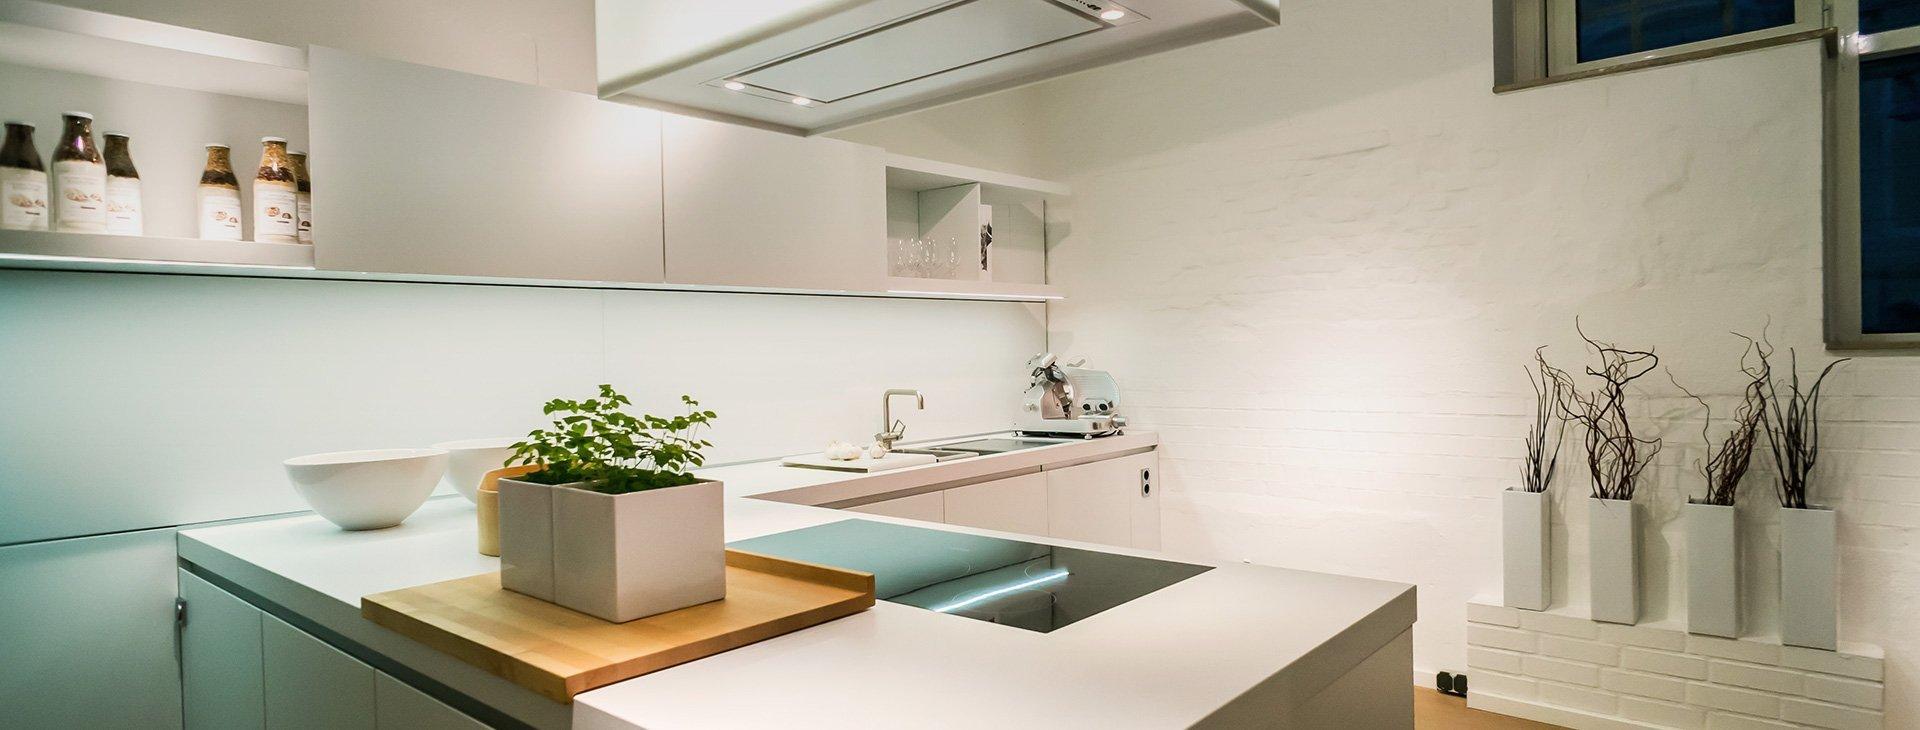 bulthaup ihre stores im stilwerk hamburg. Black Bedroom Furniture Sets. Home Design Ideas